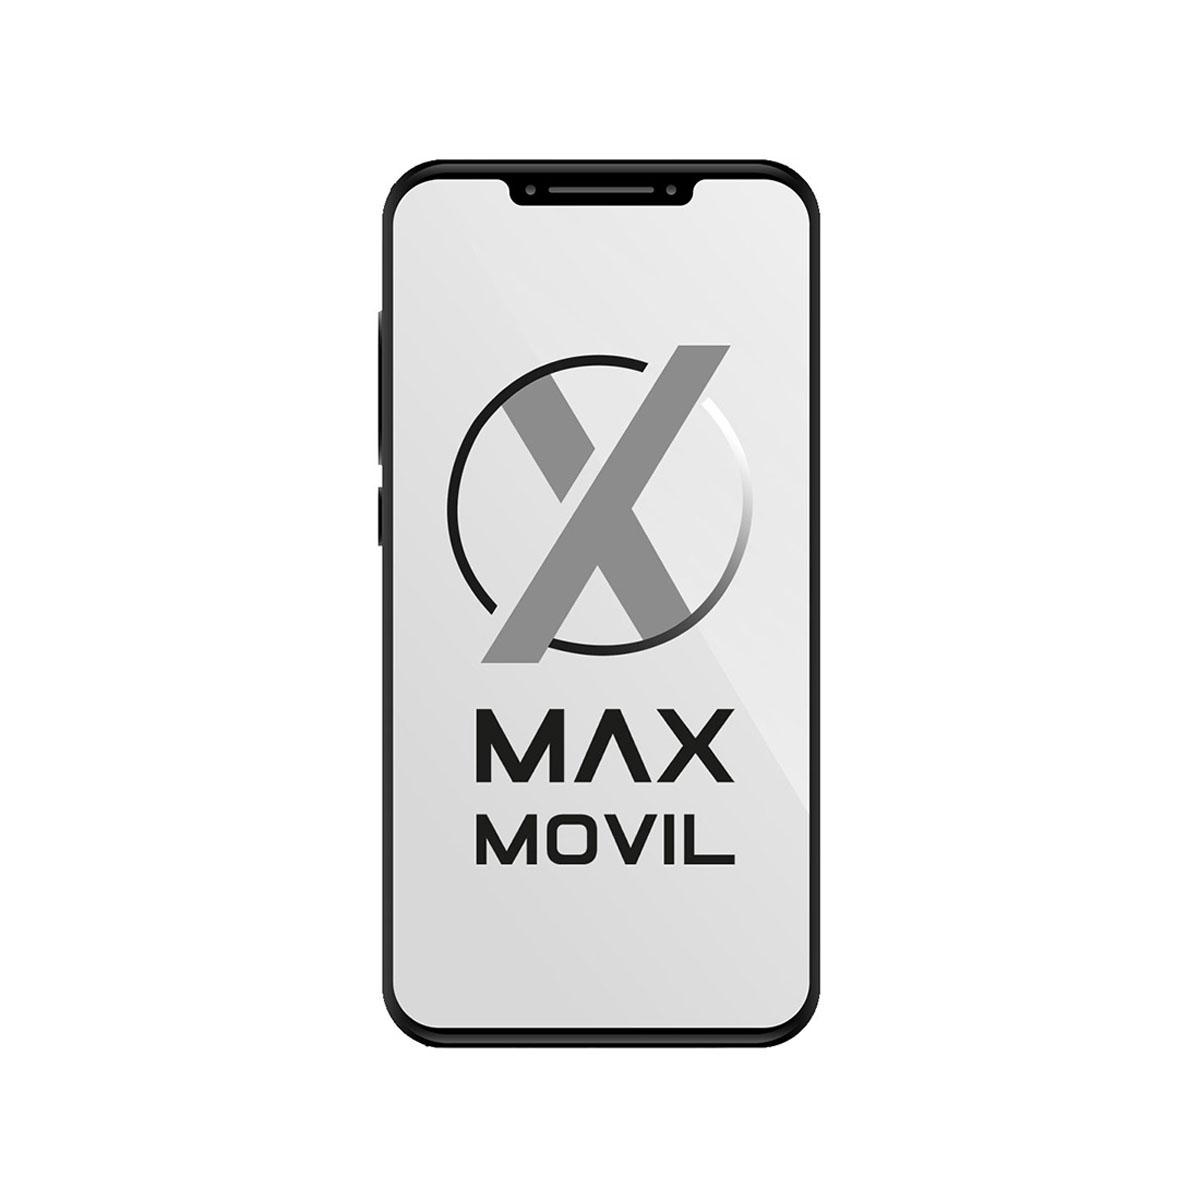 Telefono movil Iphone X , 256Gb , space grey , CPO ECORECICLADO GRADO A